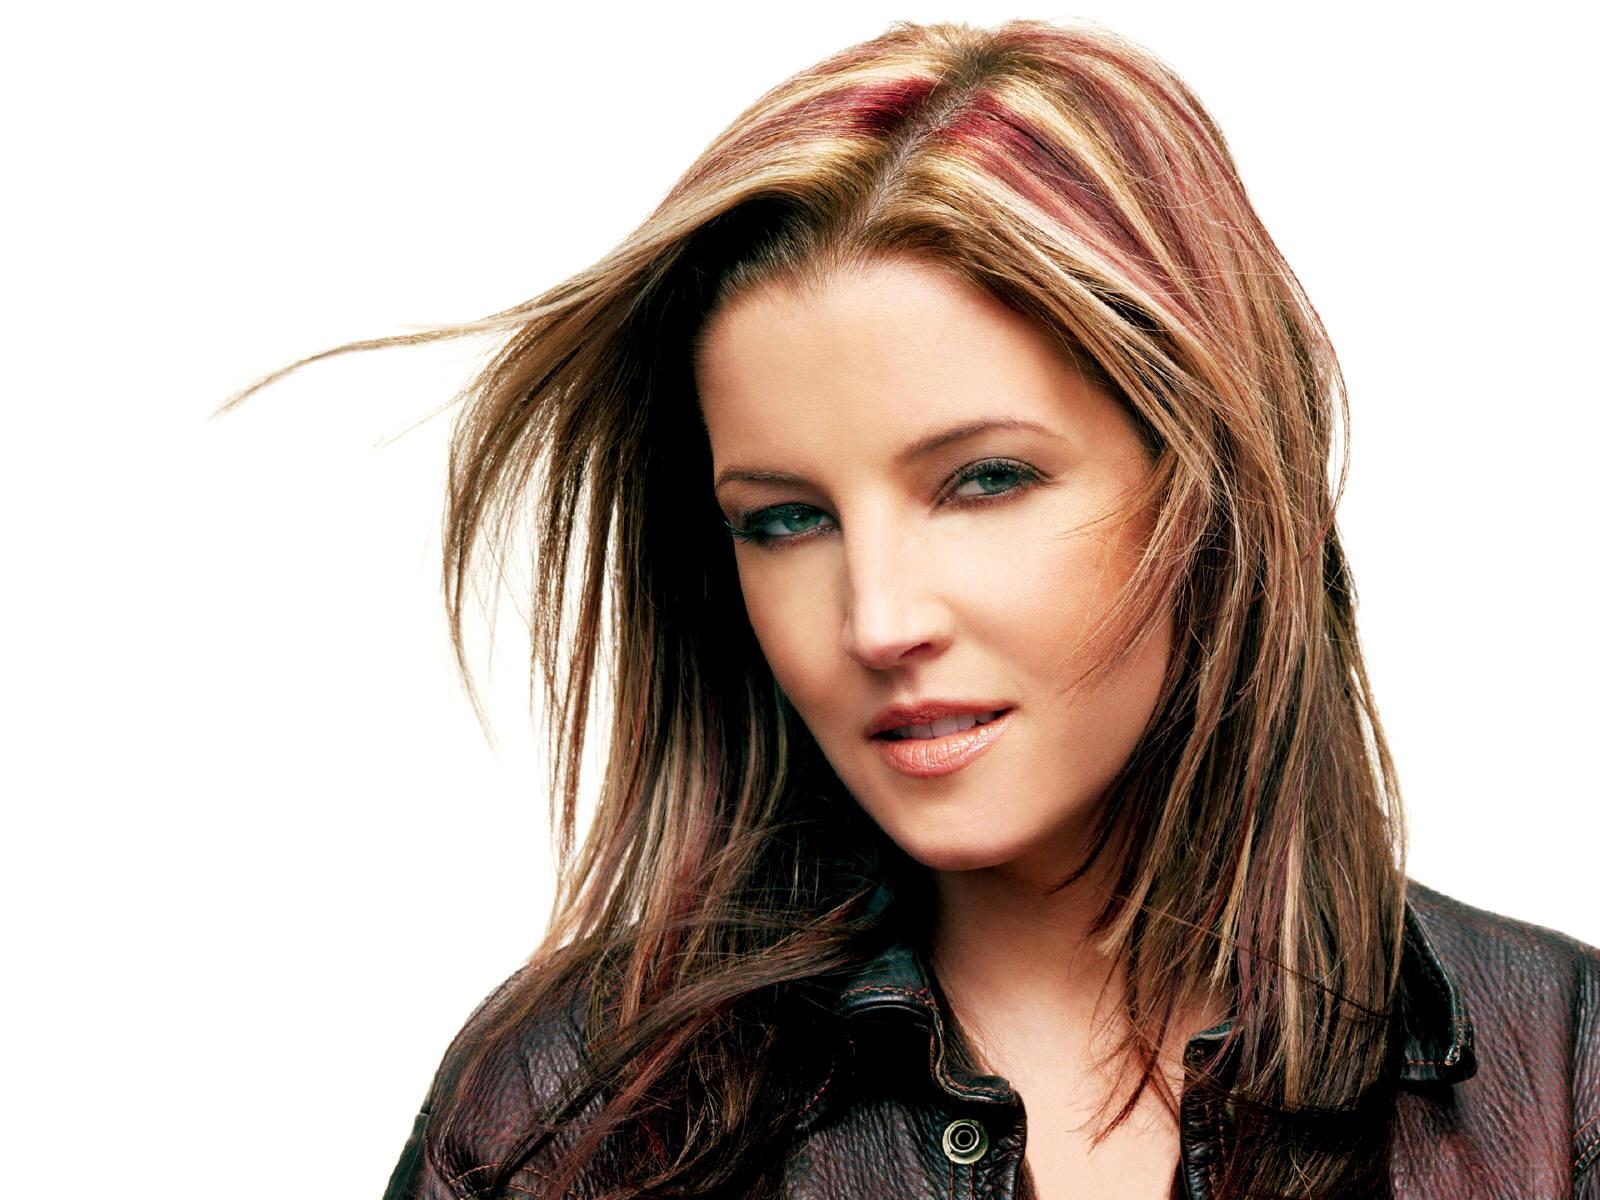 http://1.bp.blogspot.com/-WTcwCRqdy1Q/UX1cCCHEqXI/AAAAAAAA80o/OzARq3FGAP4/s1600/Lisa-Marie-Presley-hair.jpg